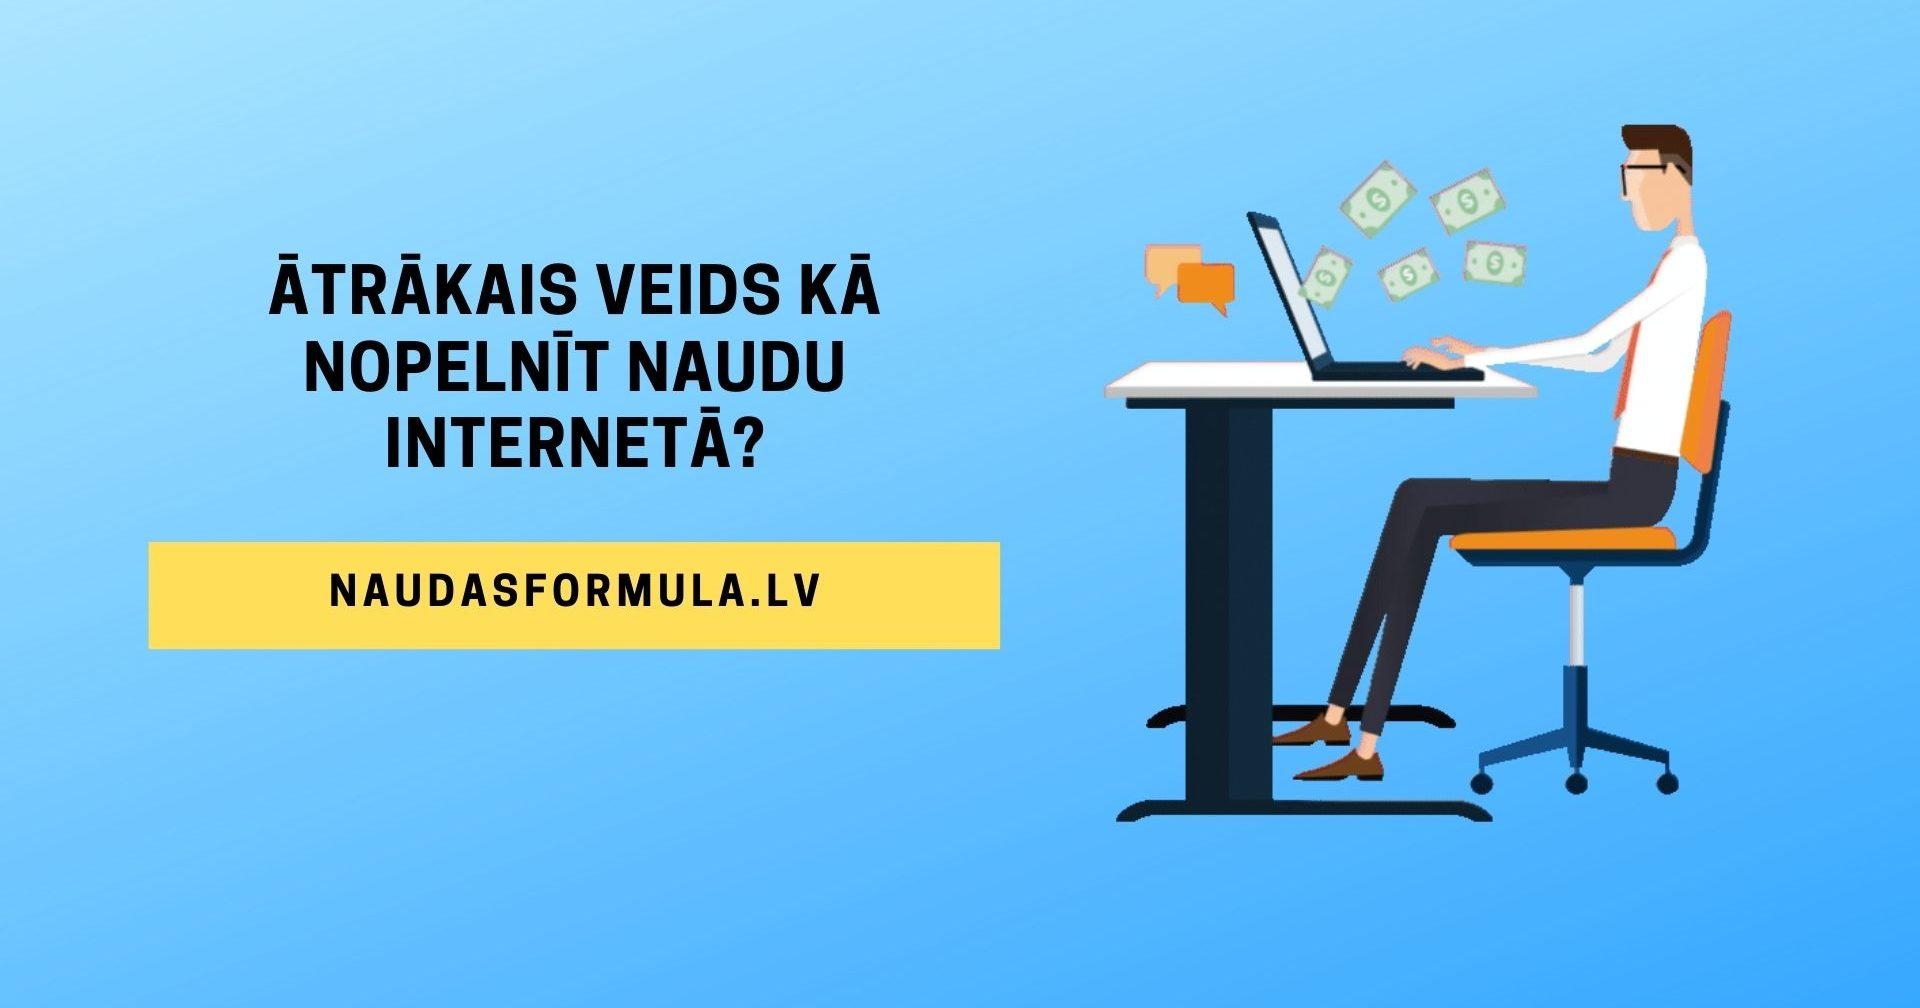 kā nopelnīt naudu, pārlūkojot internetu